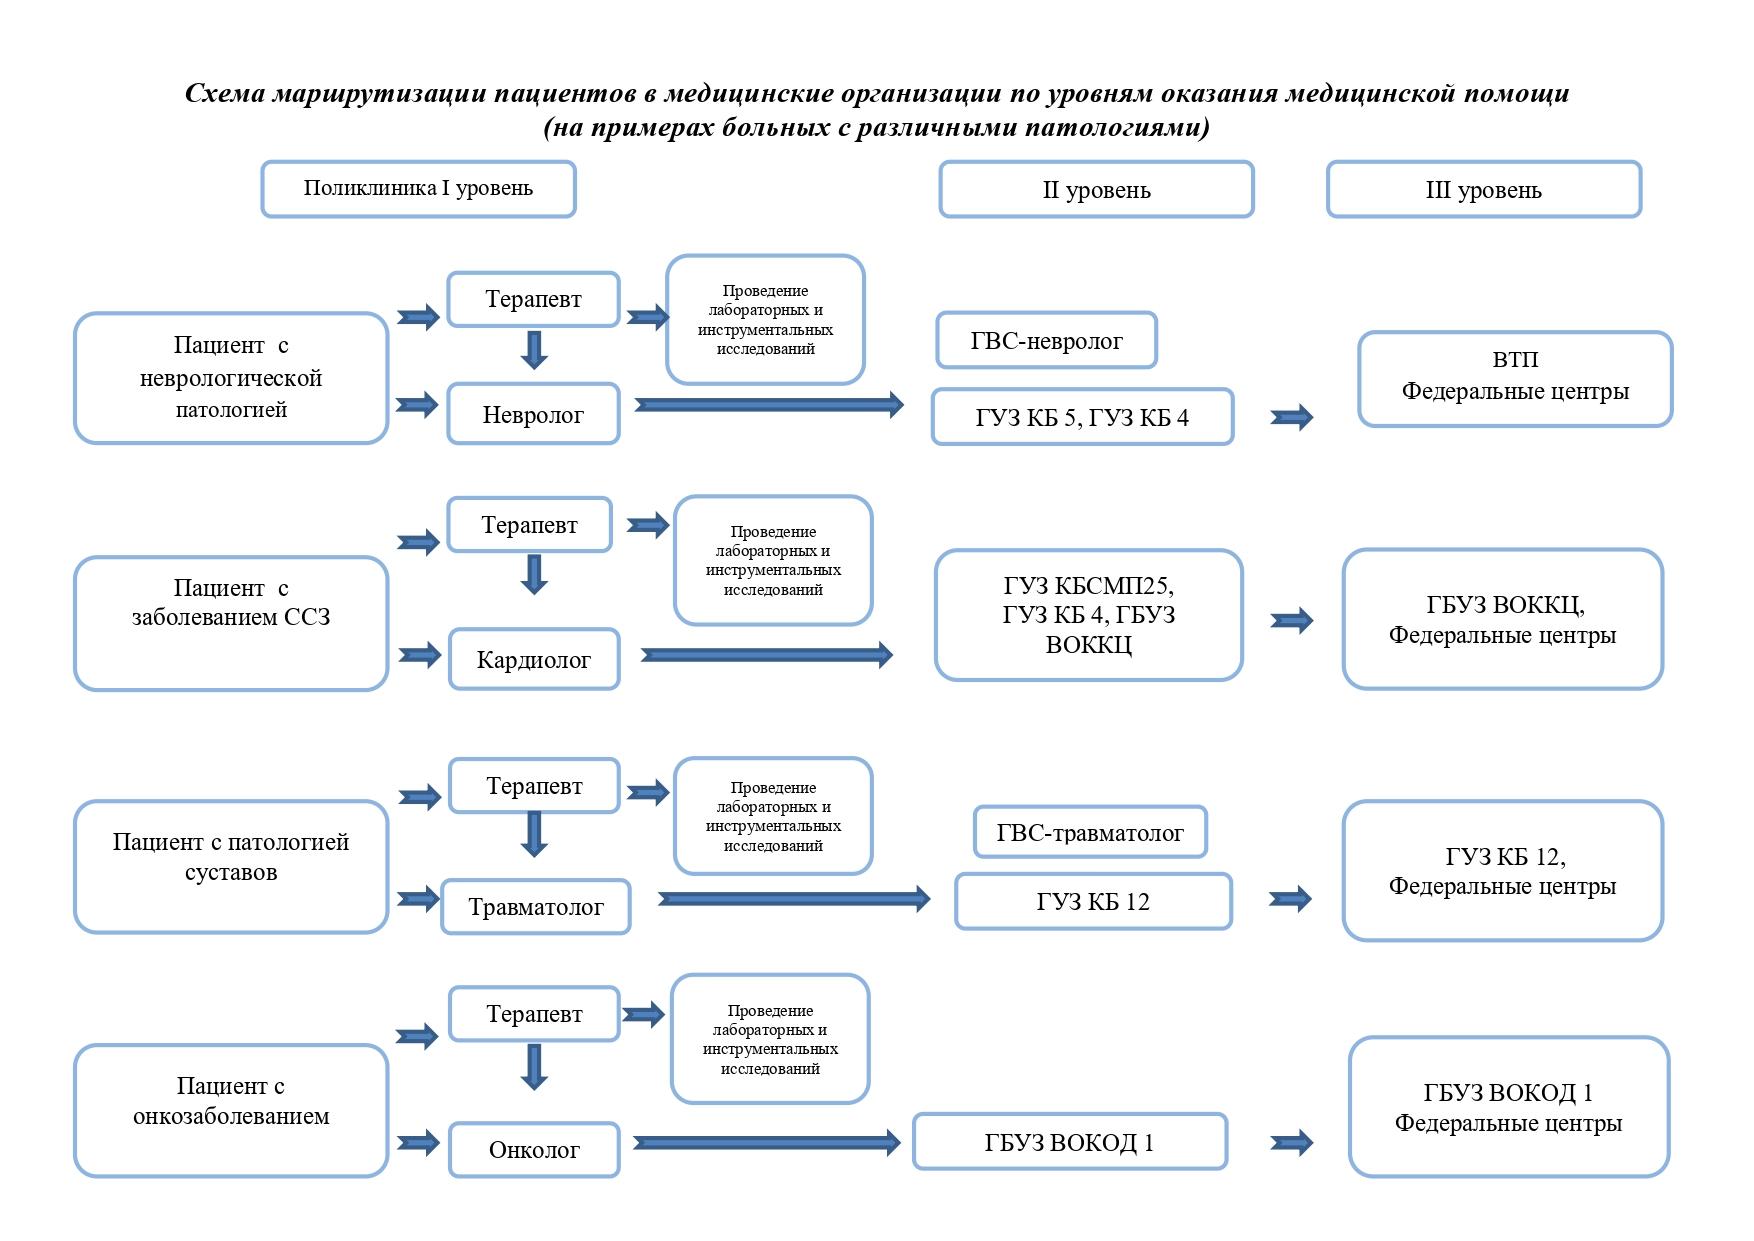 Схема маршрутизации пациентов в медицинские организации по уровням оказания медицинской помощи_page-0001